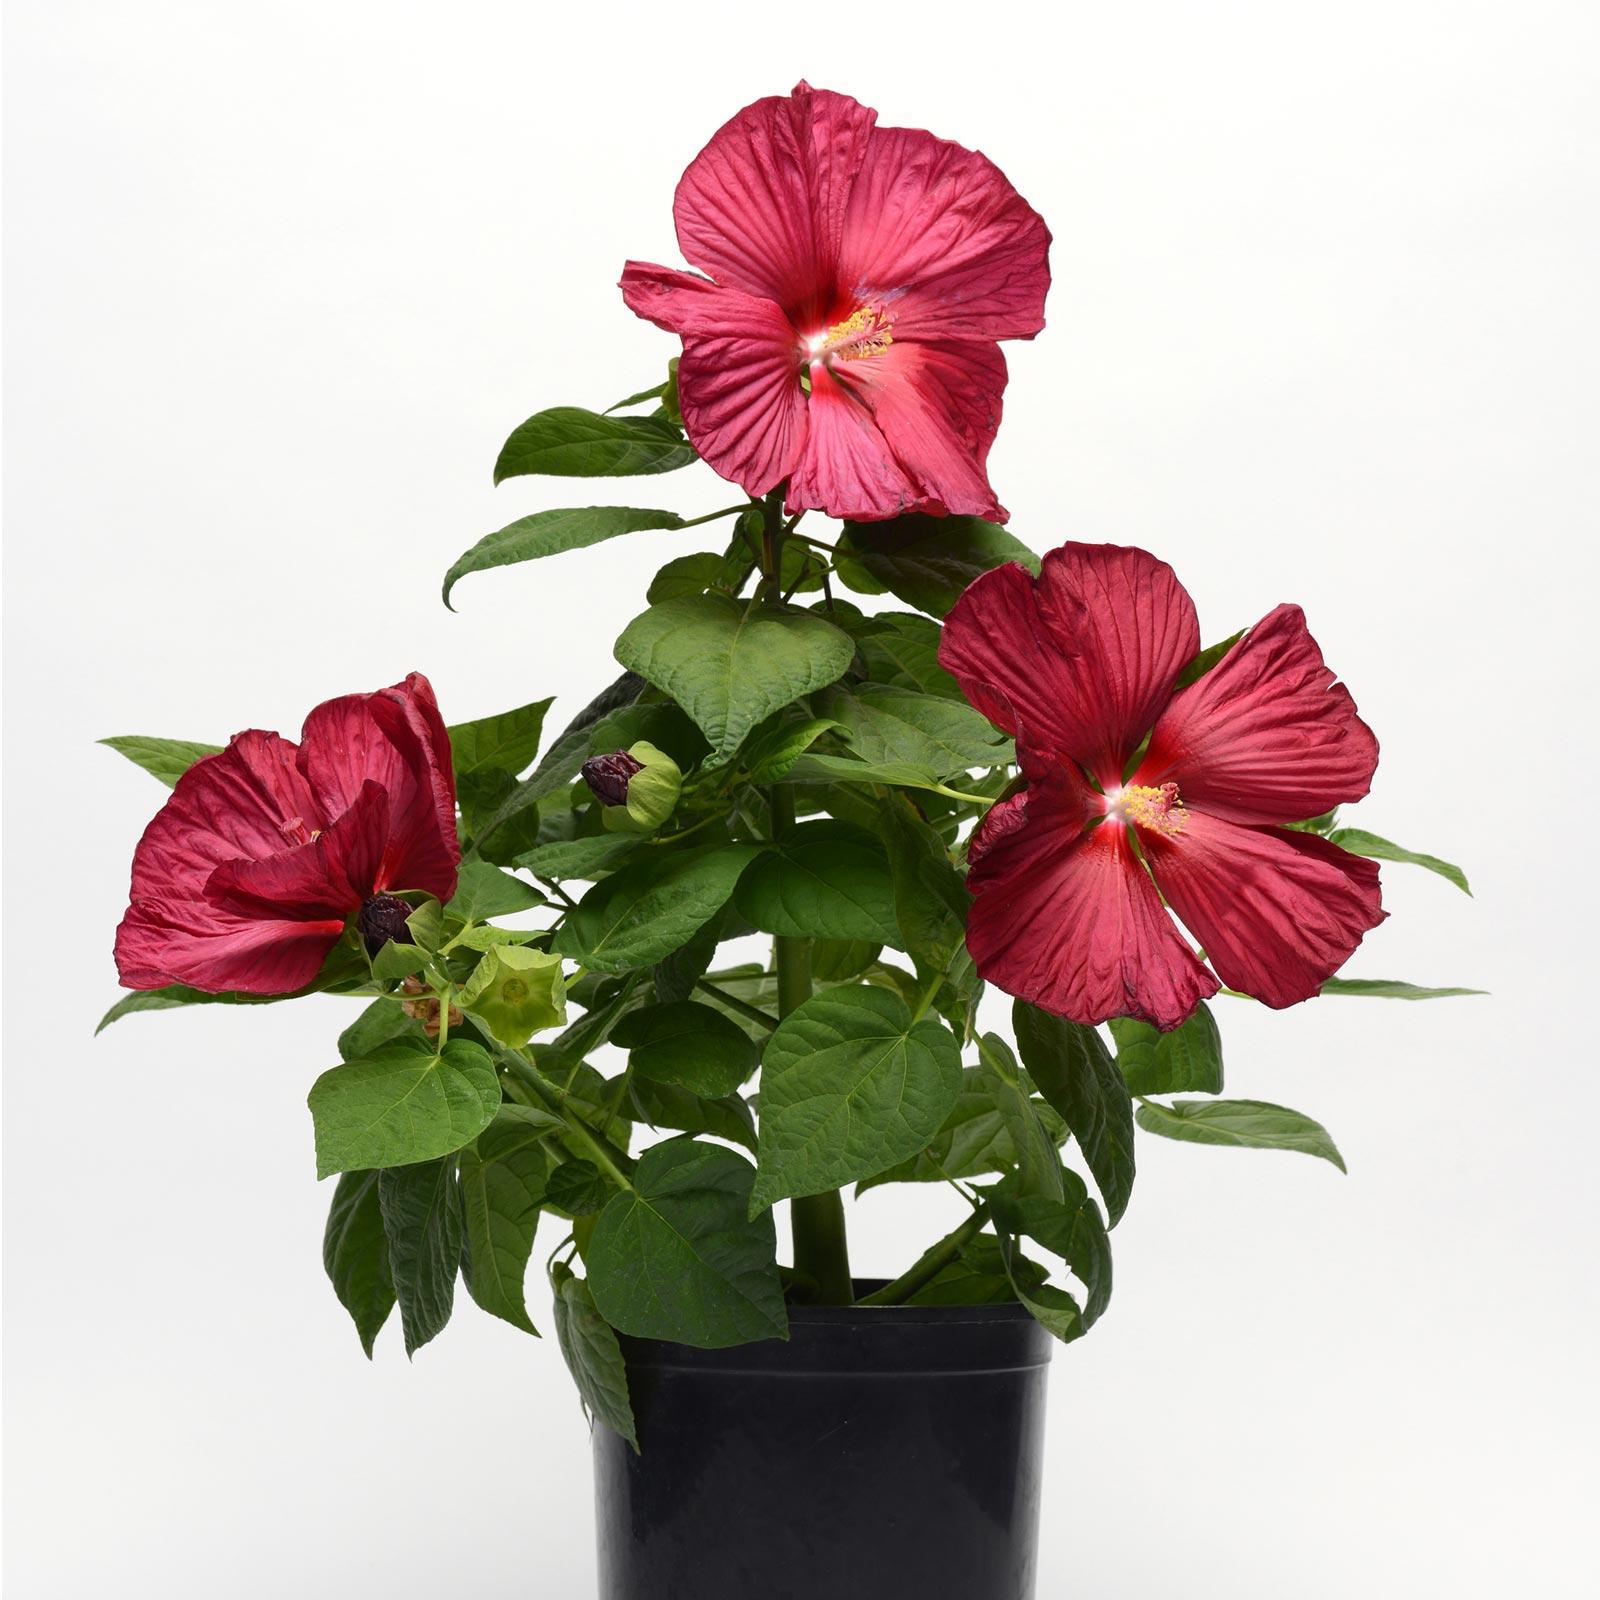 Luna Series F1 Hibiscus Flower Garden Seeds Red Improved 100